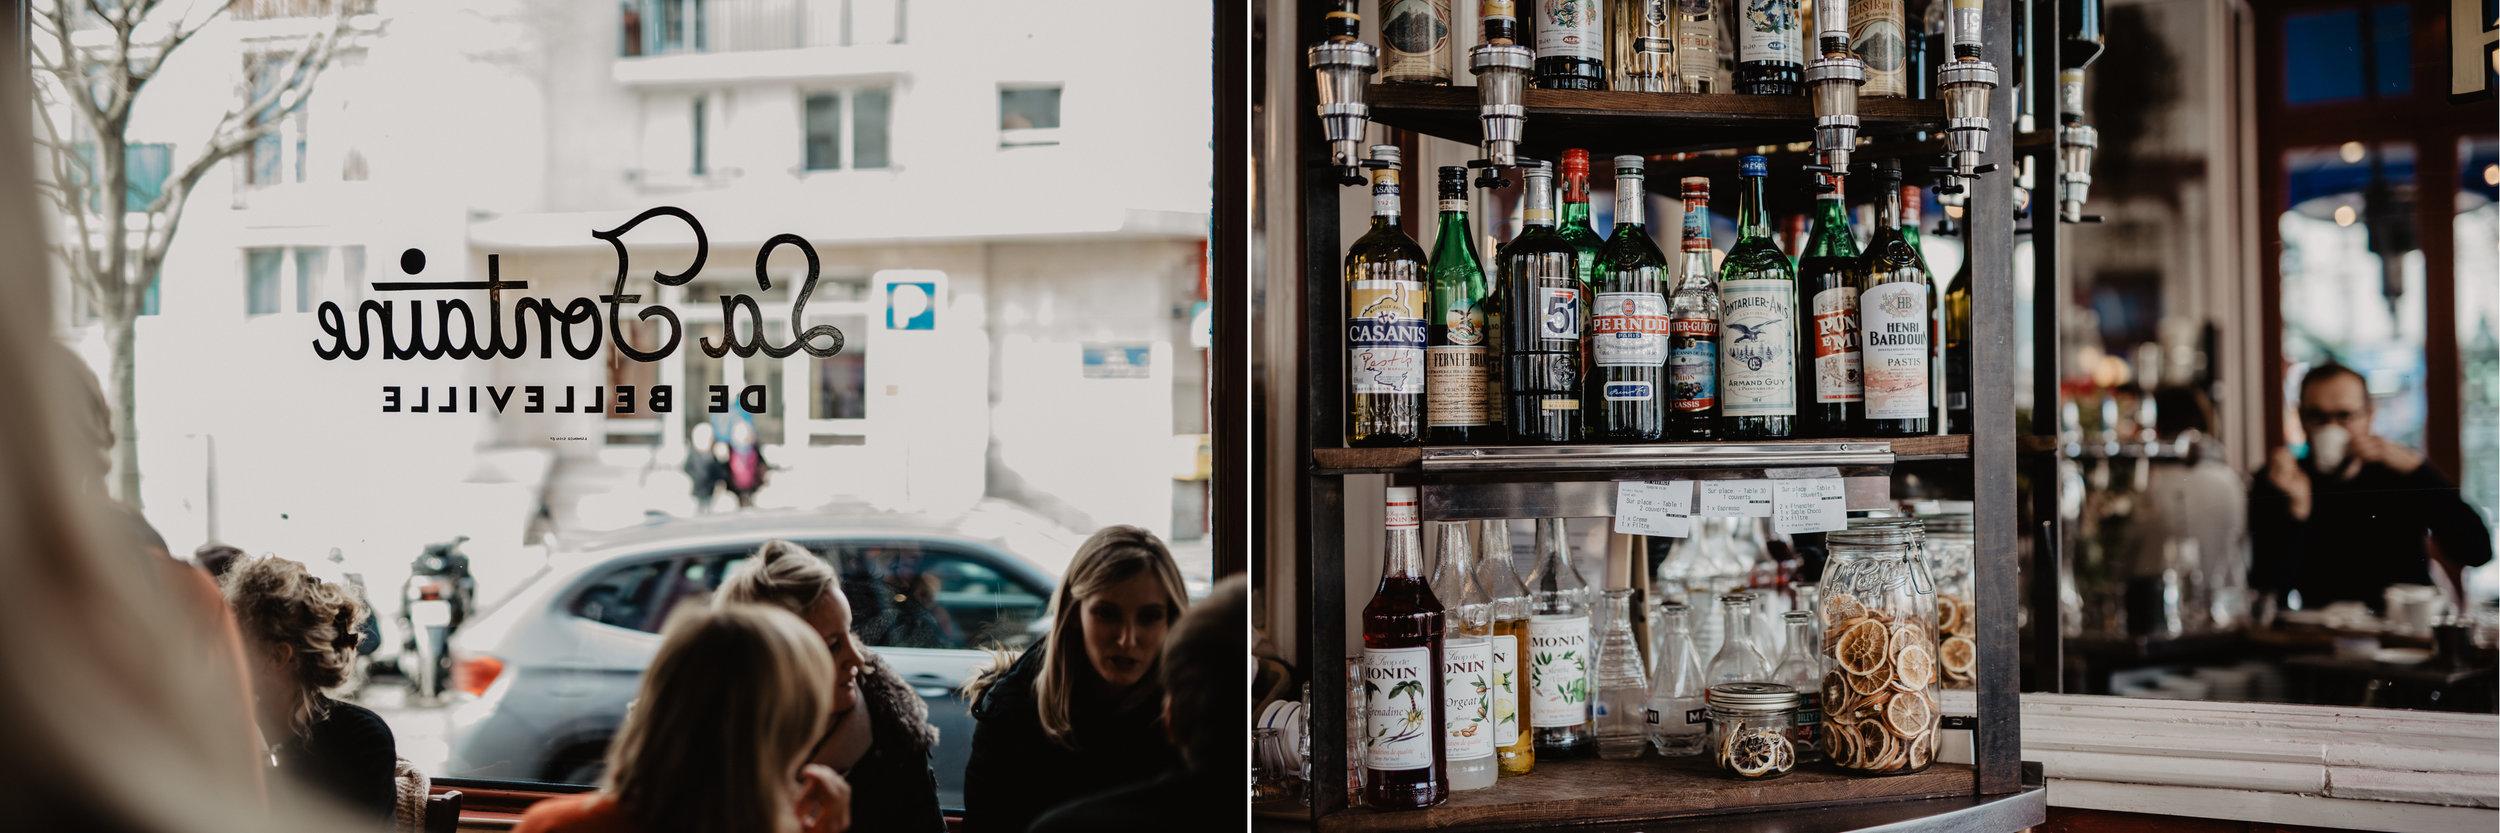 Paris_MissFrecklesPhotography 24.jpg